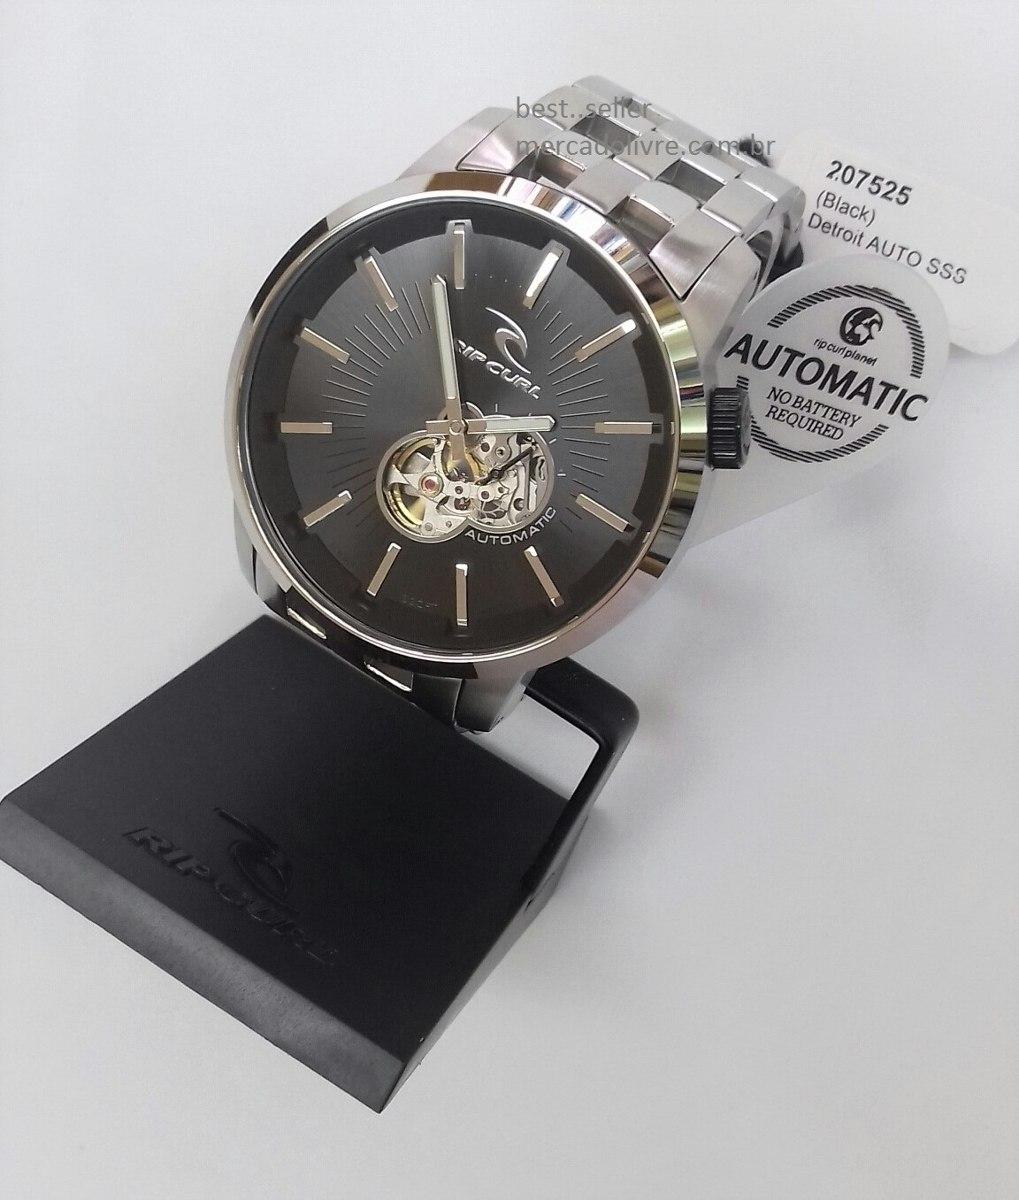 f0de11c6452 Relógio Rip Curl Detroit Automatic Black Preto - R  2.399